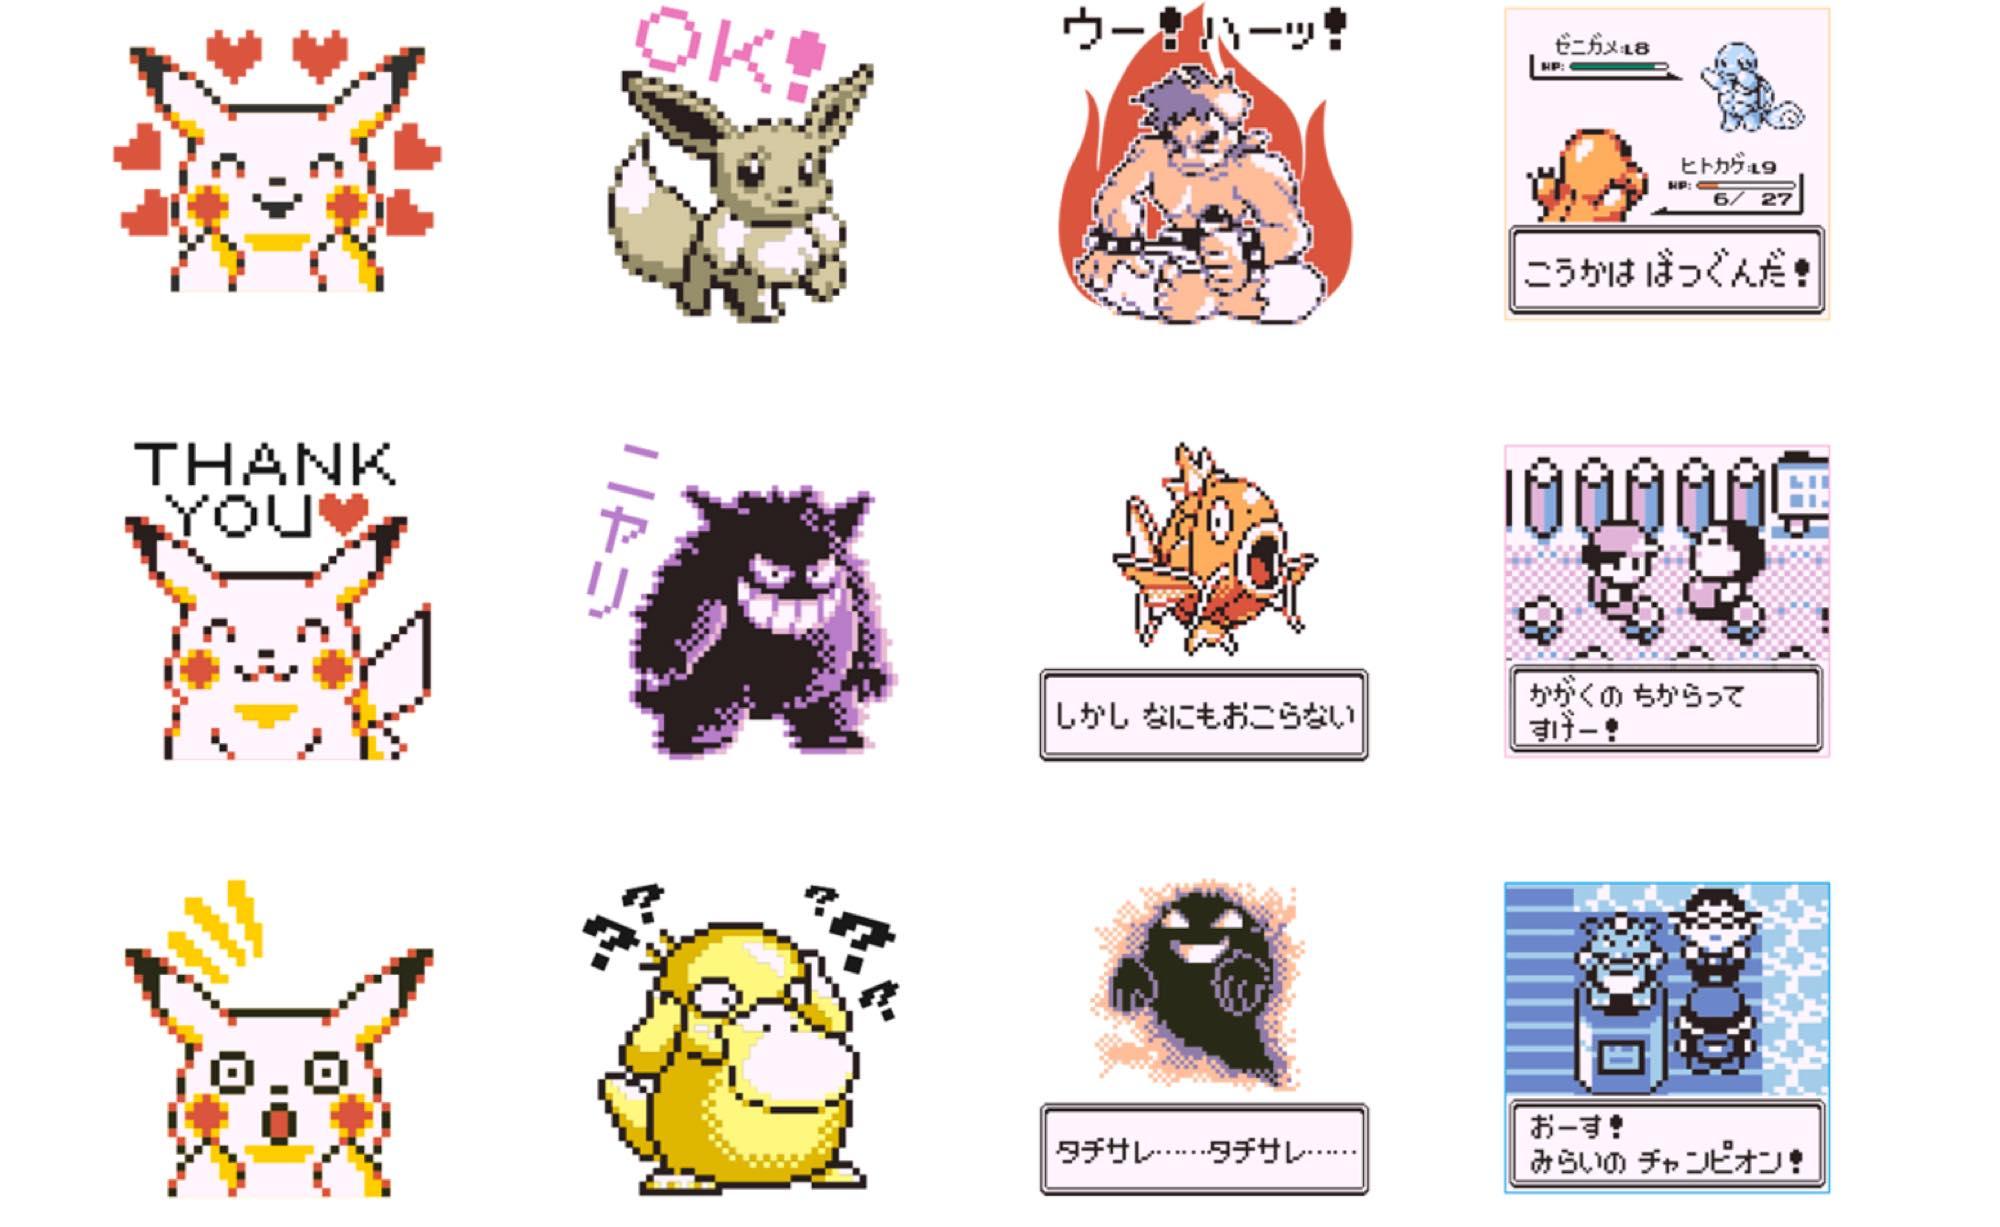 ポケモン 初期キャラクター